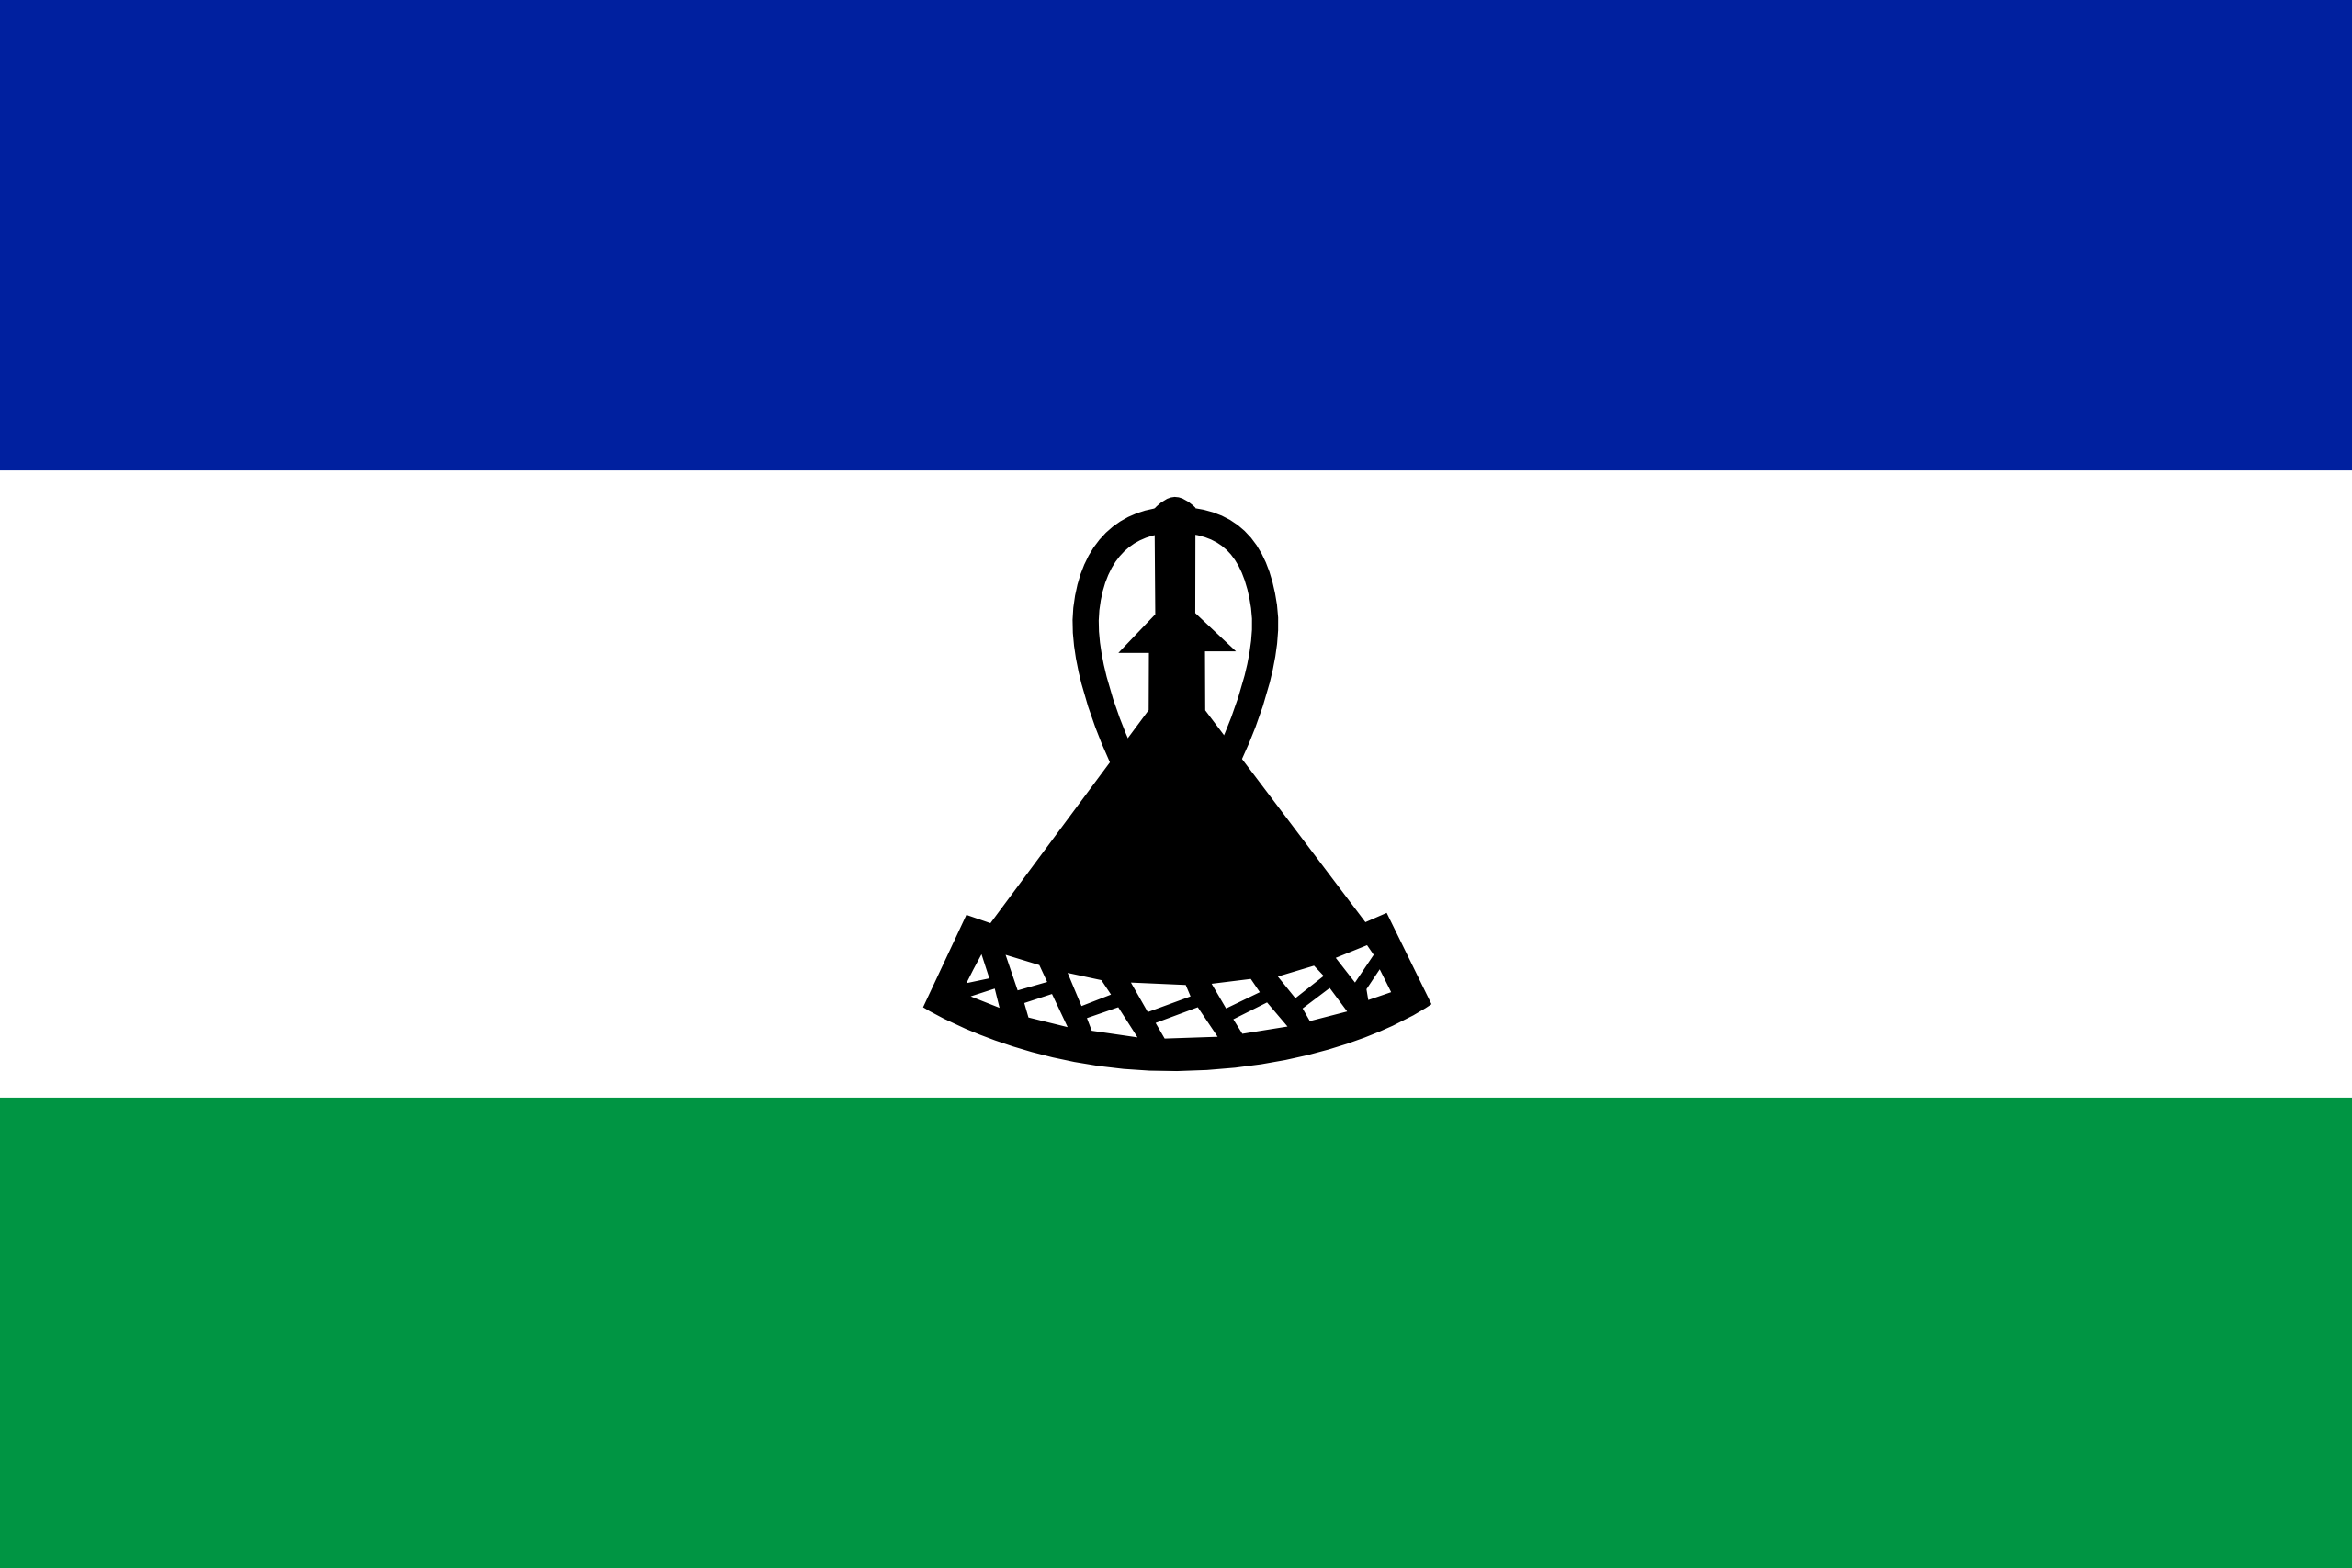 लेसोथो, देश, emblema, लोग�प्रतीकbolo - HD वॉलपेपर - प्रोफेसर-falken.com